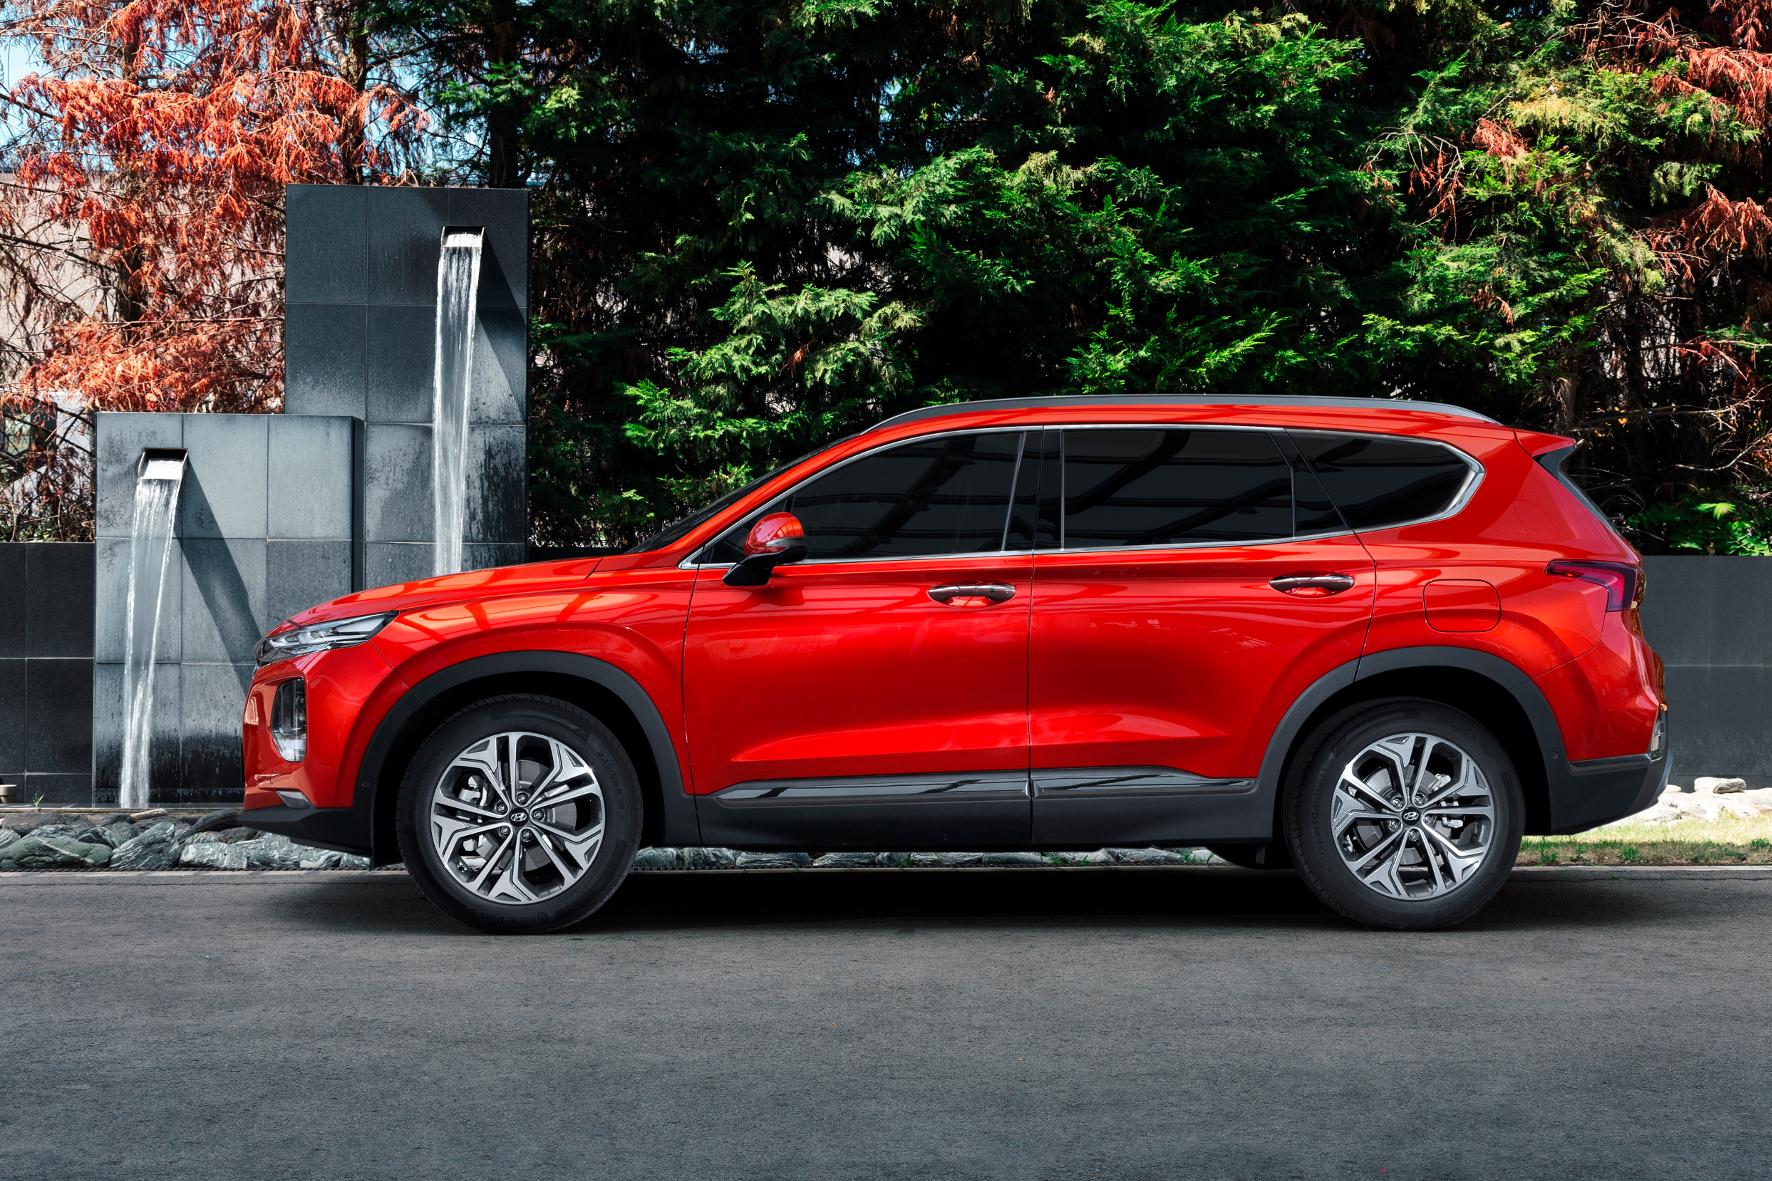 mid Groß-Gerau - Beim Kauf eines Santa Fe lassen die gesparten 6.000 Euro Raum für zusätzliche Weihnachtsgeschenke. Hyundai